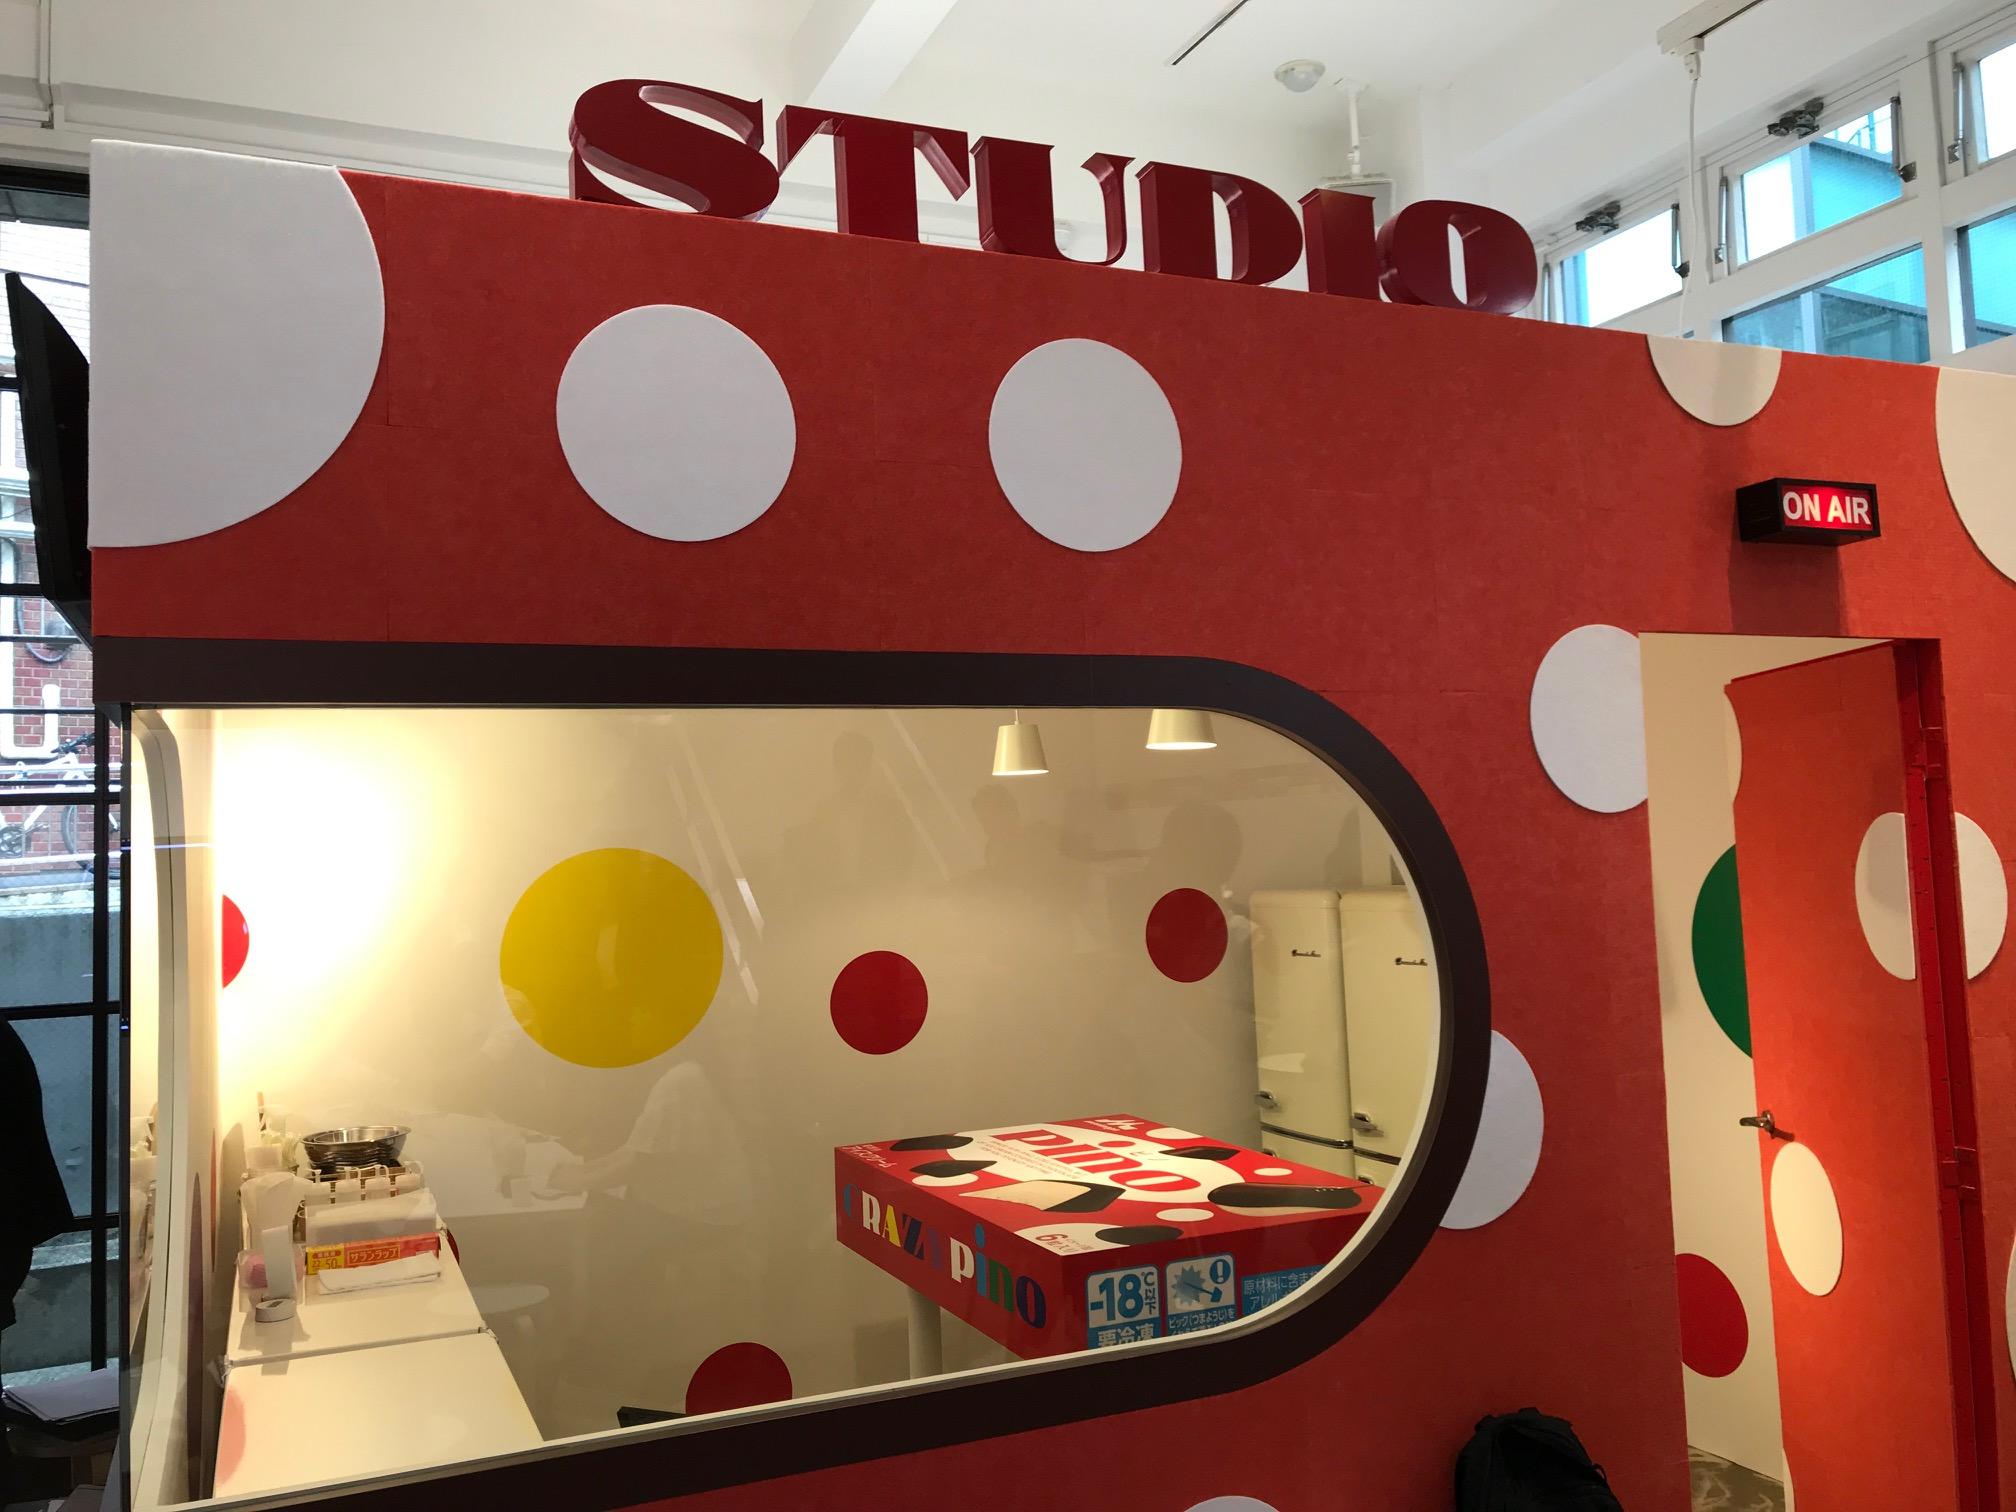 タピオカと「ピノ」を一緒に食べる!? 「ピノ」の未知の美味しさを楽しむ「CRAZYpino STUDIO」Photo Gallery_1_15